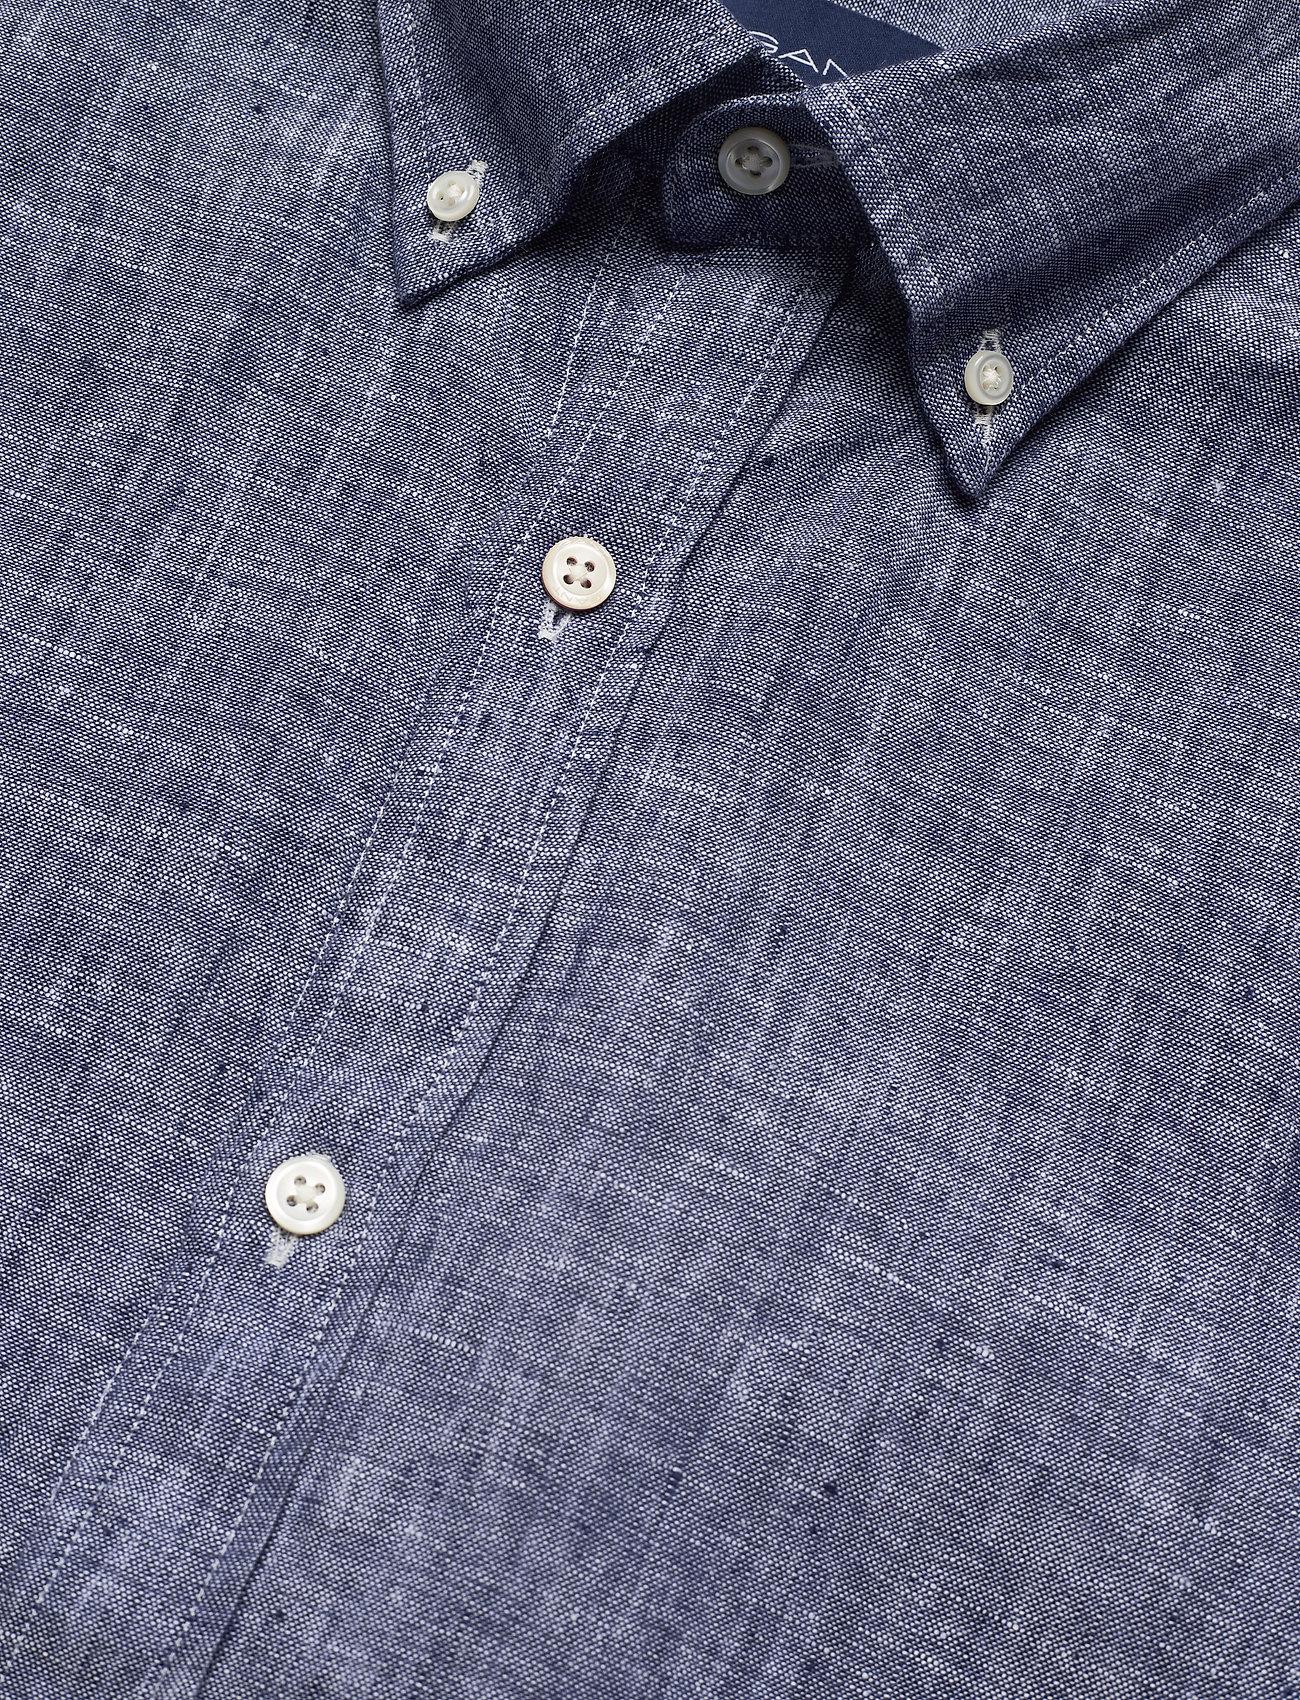 The Linen Shirt Reg Ss  Bd (Persian Blue) (900 kr) - GANT